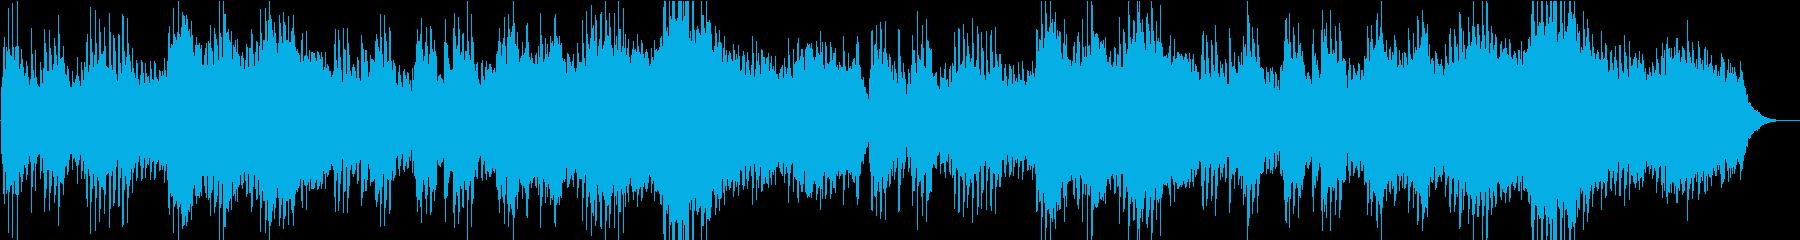 夢路より オルゴールオーケストラverの再生済みの波形